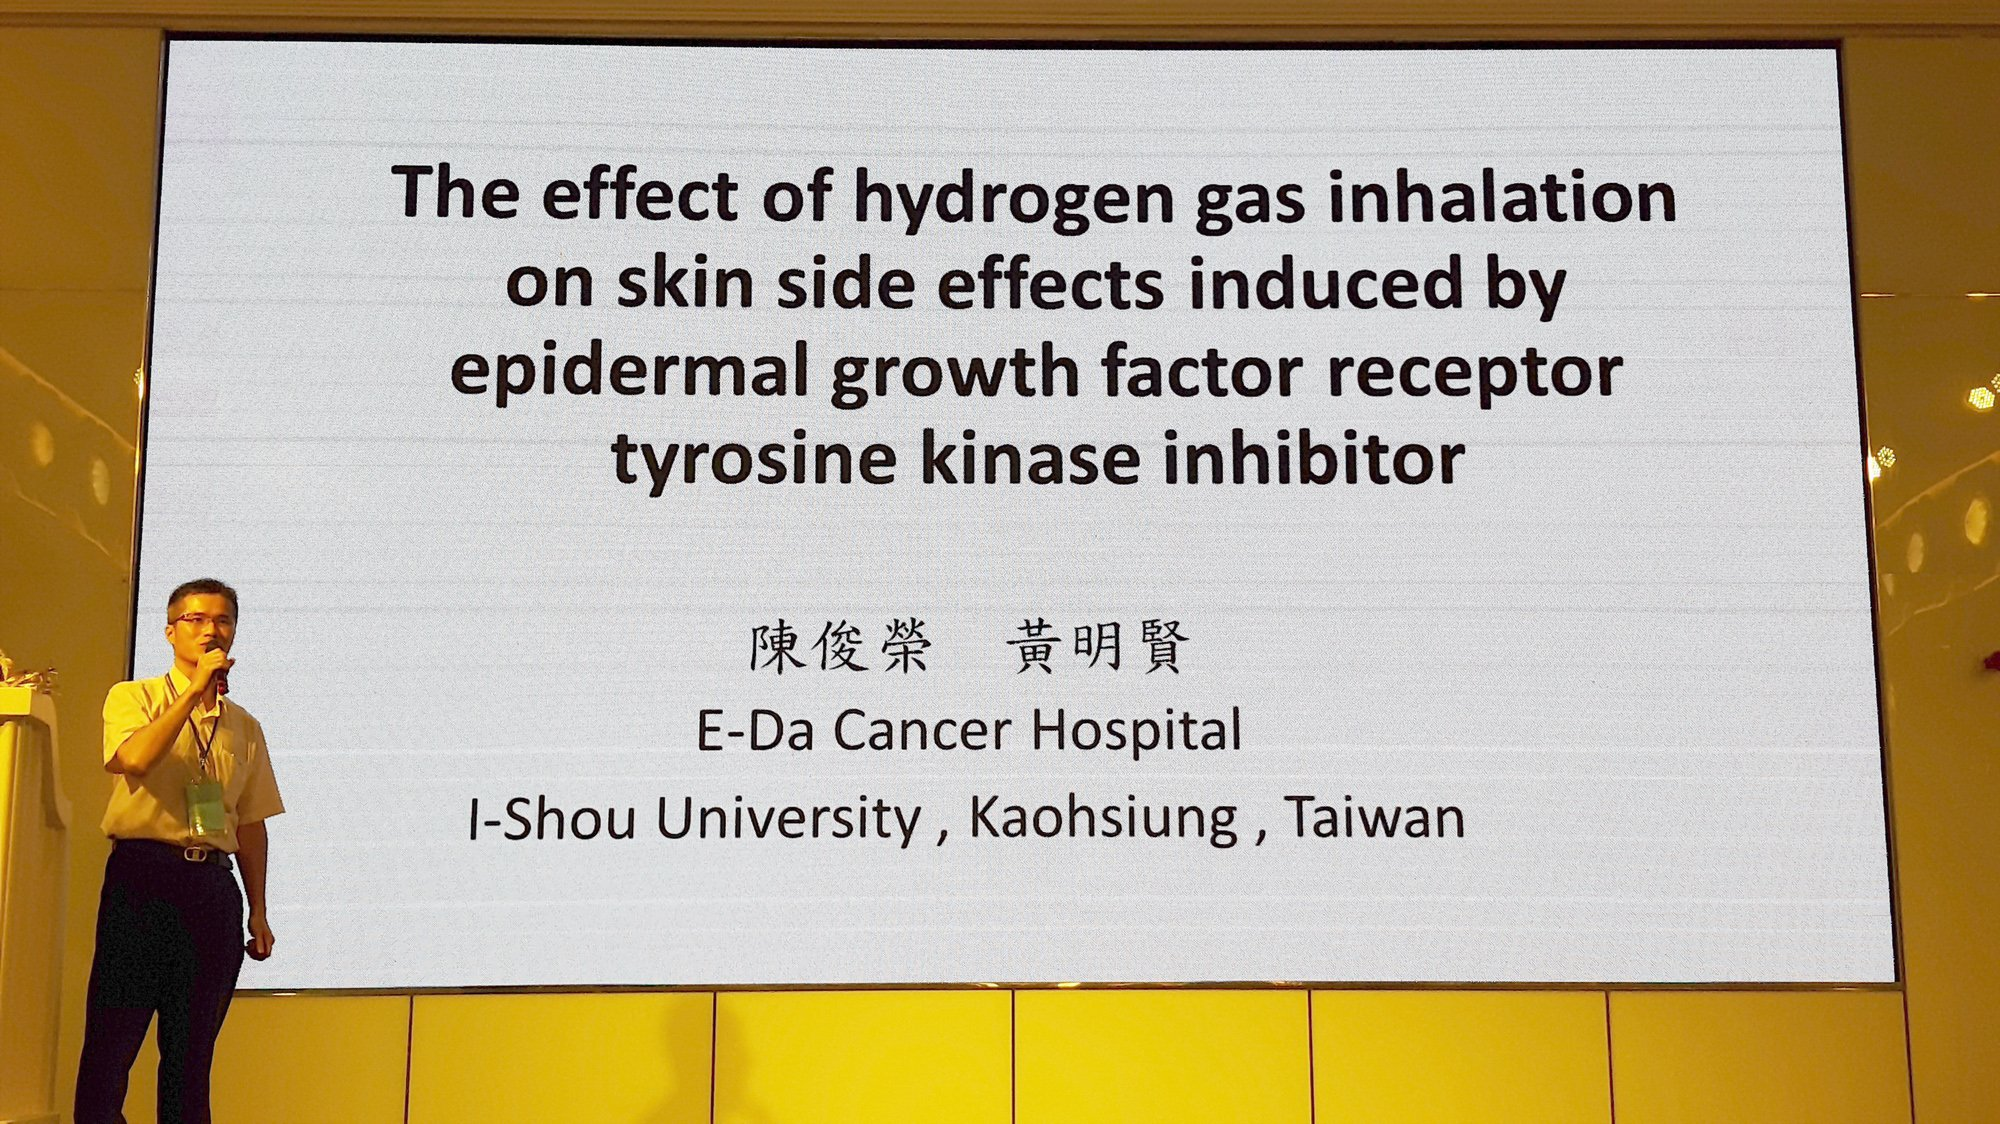 氫分子醫學 研討會-23 氫氣吸入對於標靶藥物誘導之皮膚副作用的影響-義大 呼吸胸腔內科 陳俊榮醫師 及 癌治療醫院 黃明賢副院長